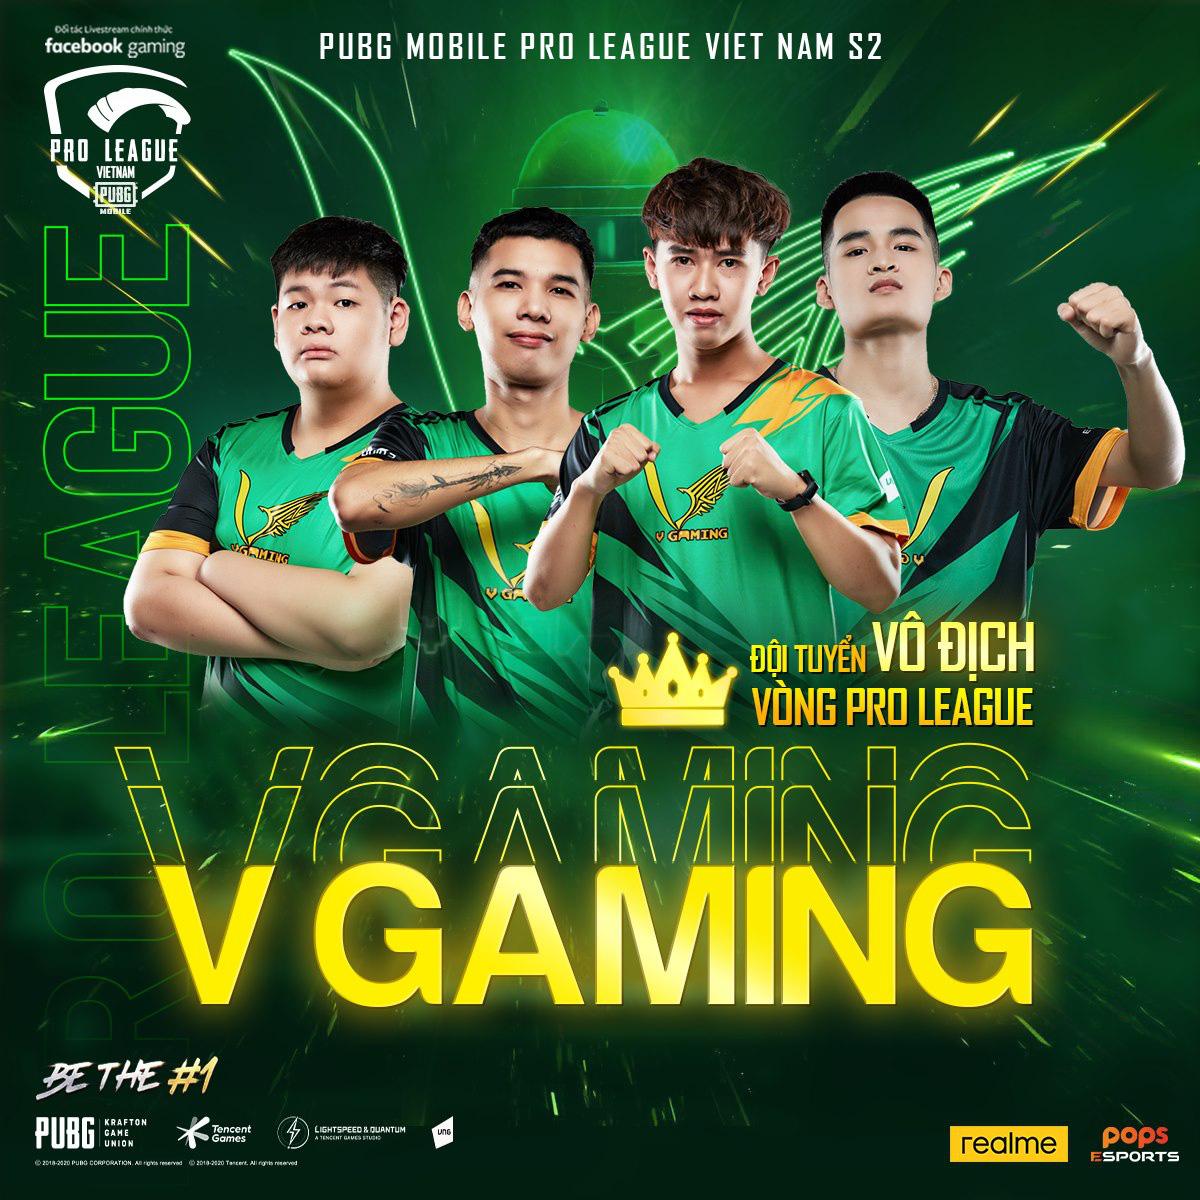 """PMPL VN S2 - Tuần 3: V Gaming xuất sắc trở thành nhà vô địch vòng Pro League, """"cựu vương"""" cũng kịp tăng tốc để chiếm lấy vị trí thứ 2 - Ảnh 1."""